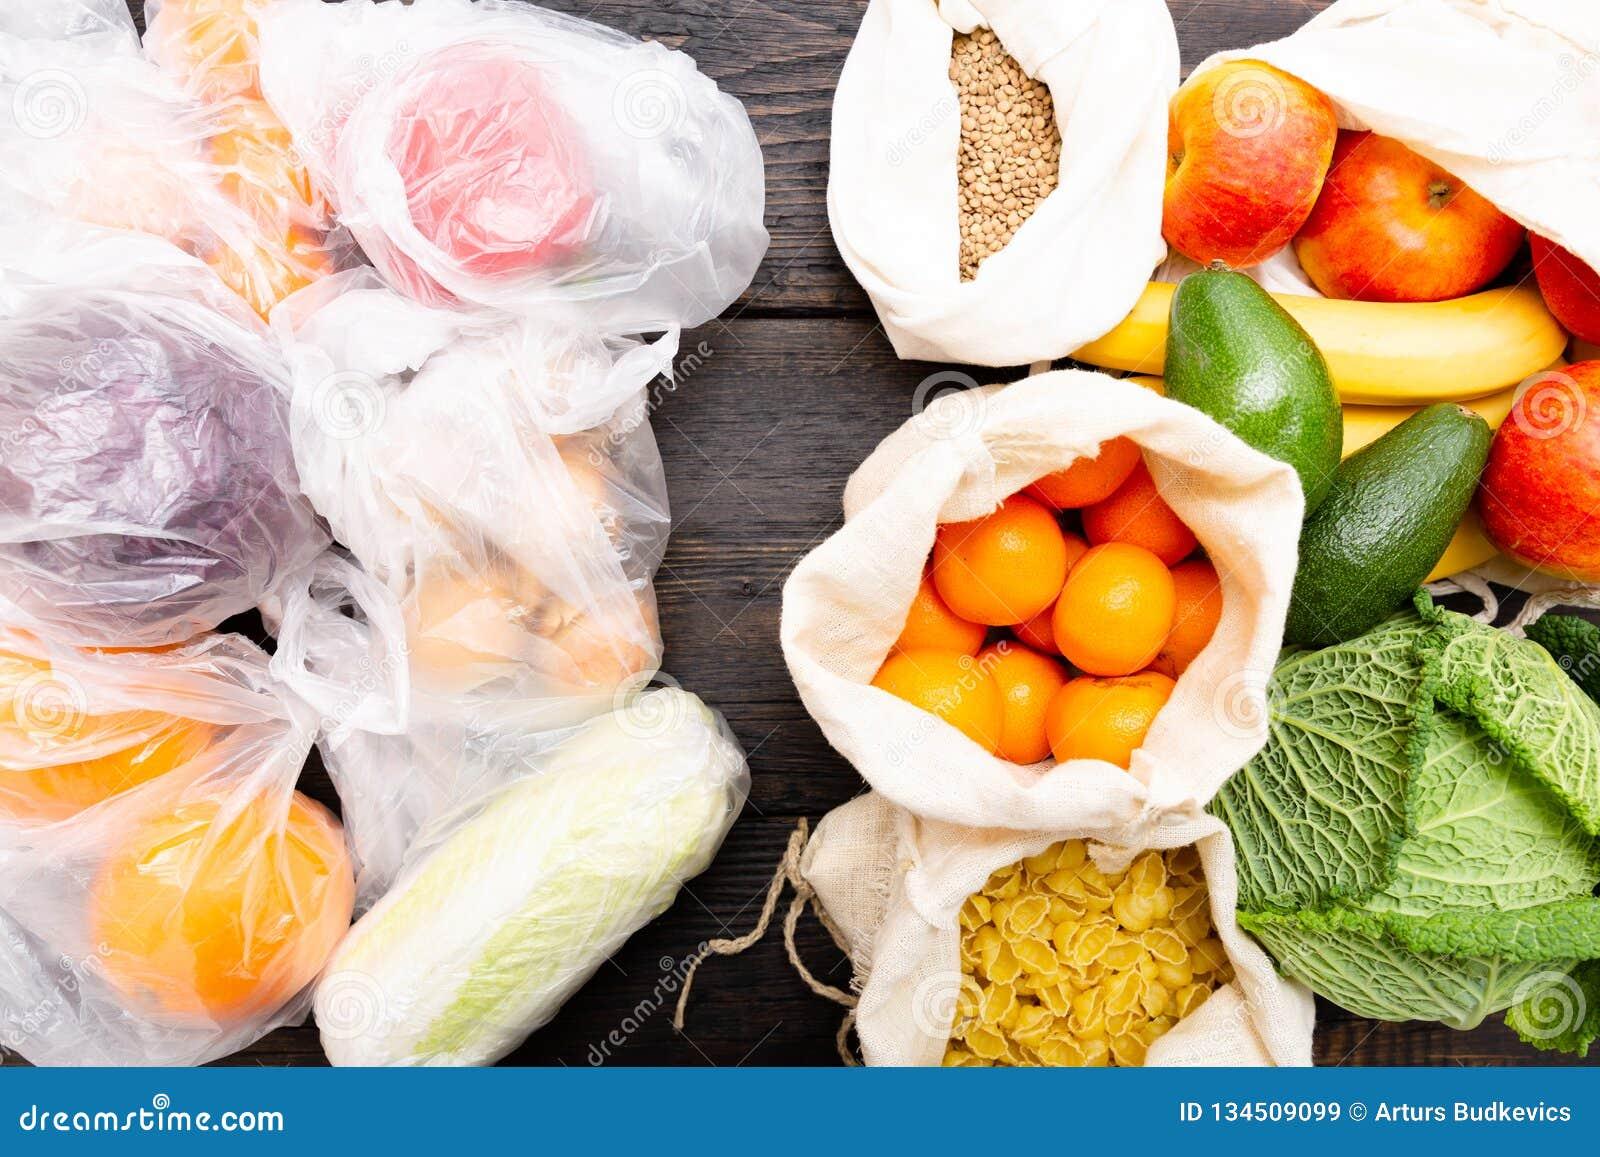 Nya grönsaker och frukter i ecobomullspåsar mot grönsaker i plastpåsar Nollförlorat begrepp - bruksplastpåsar eller mång-